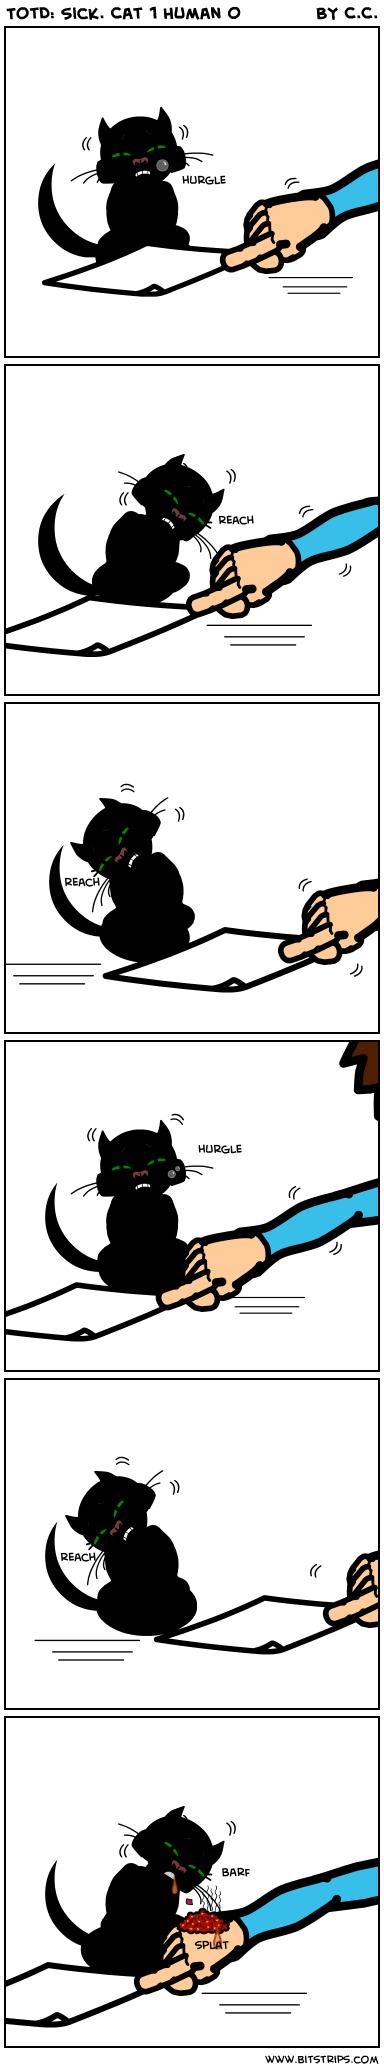 TotD: Sick. Cat 1 Human 0